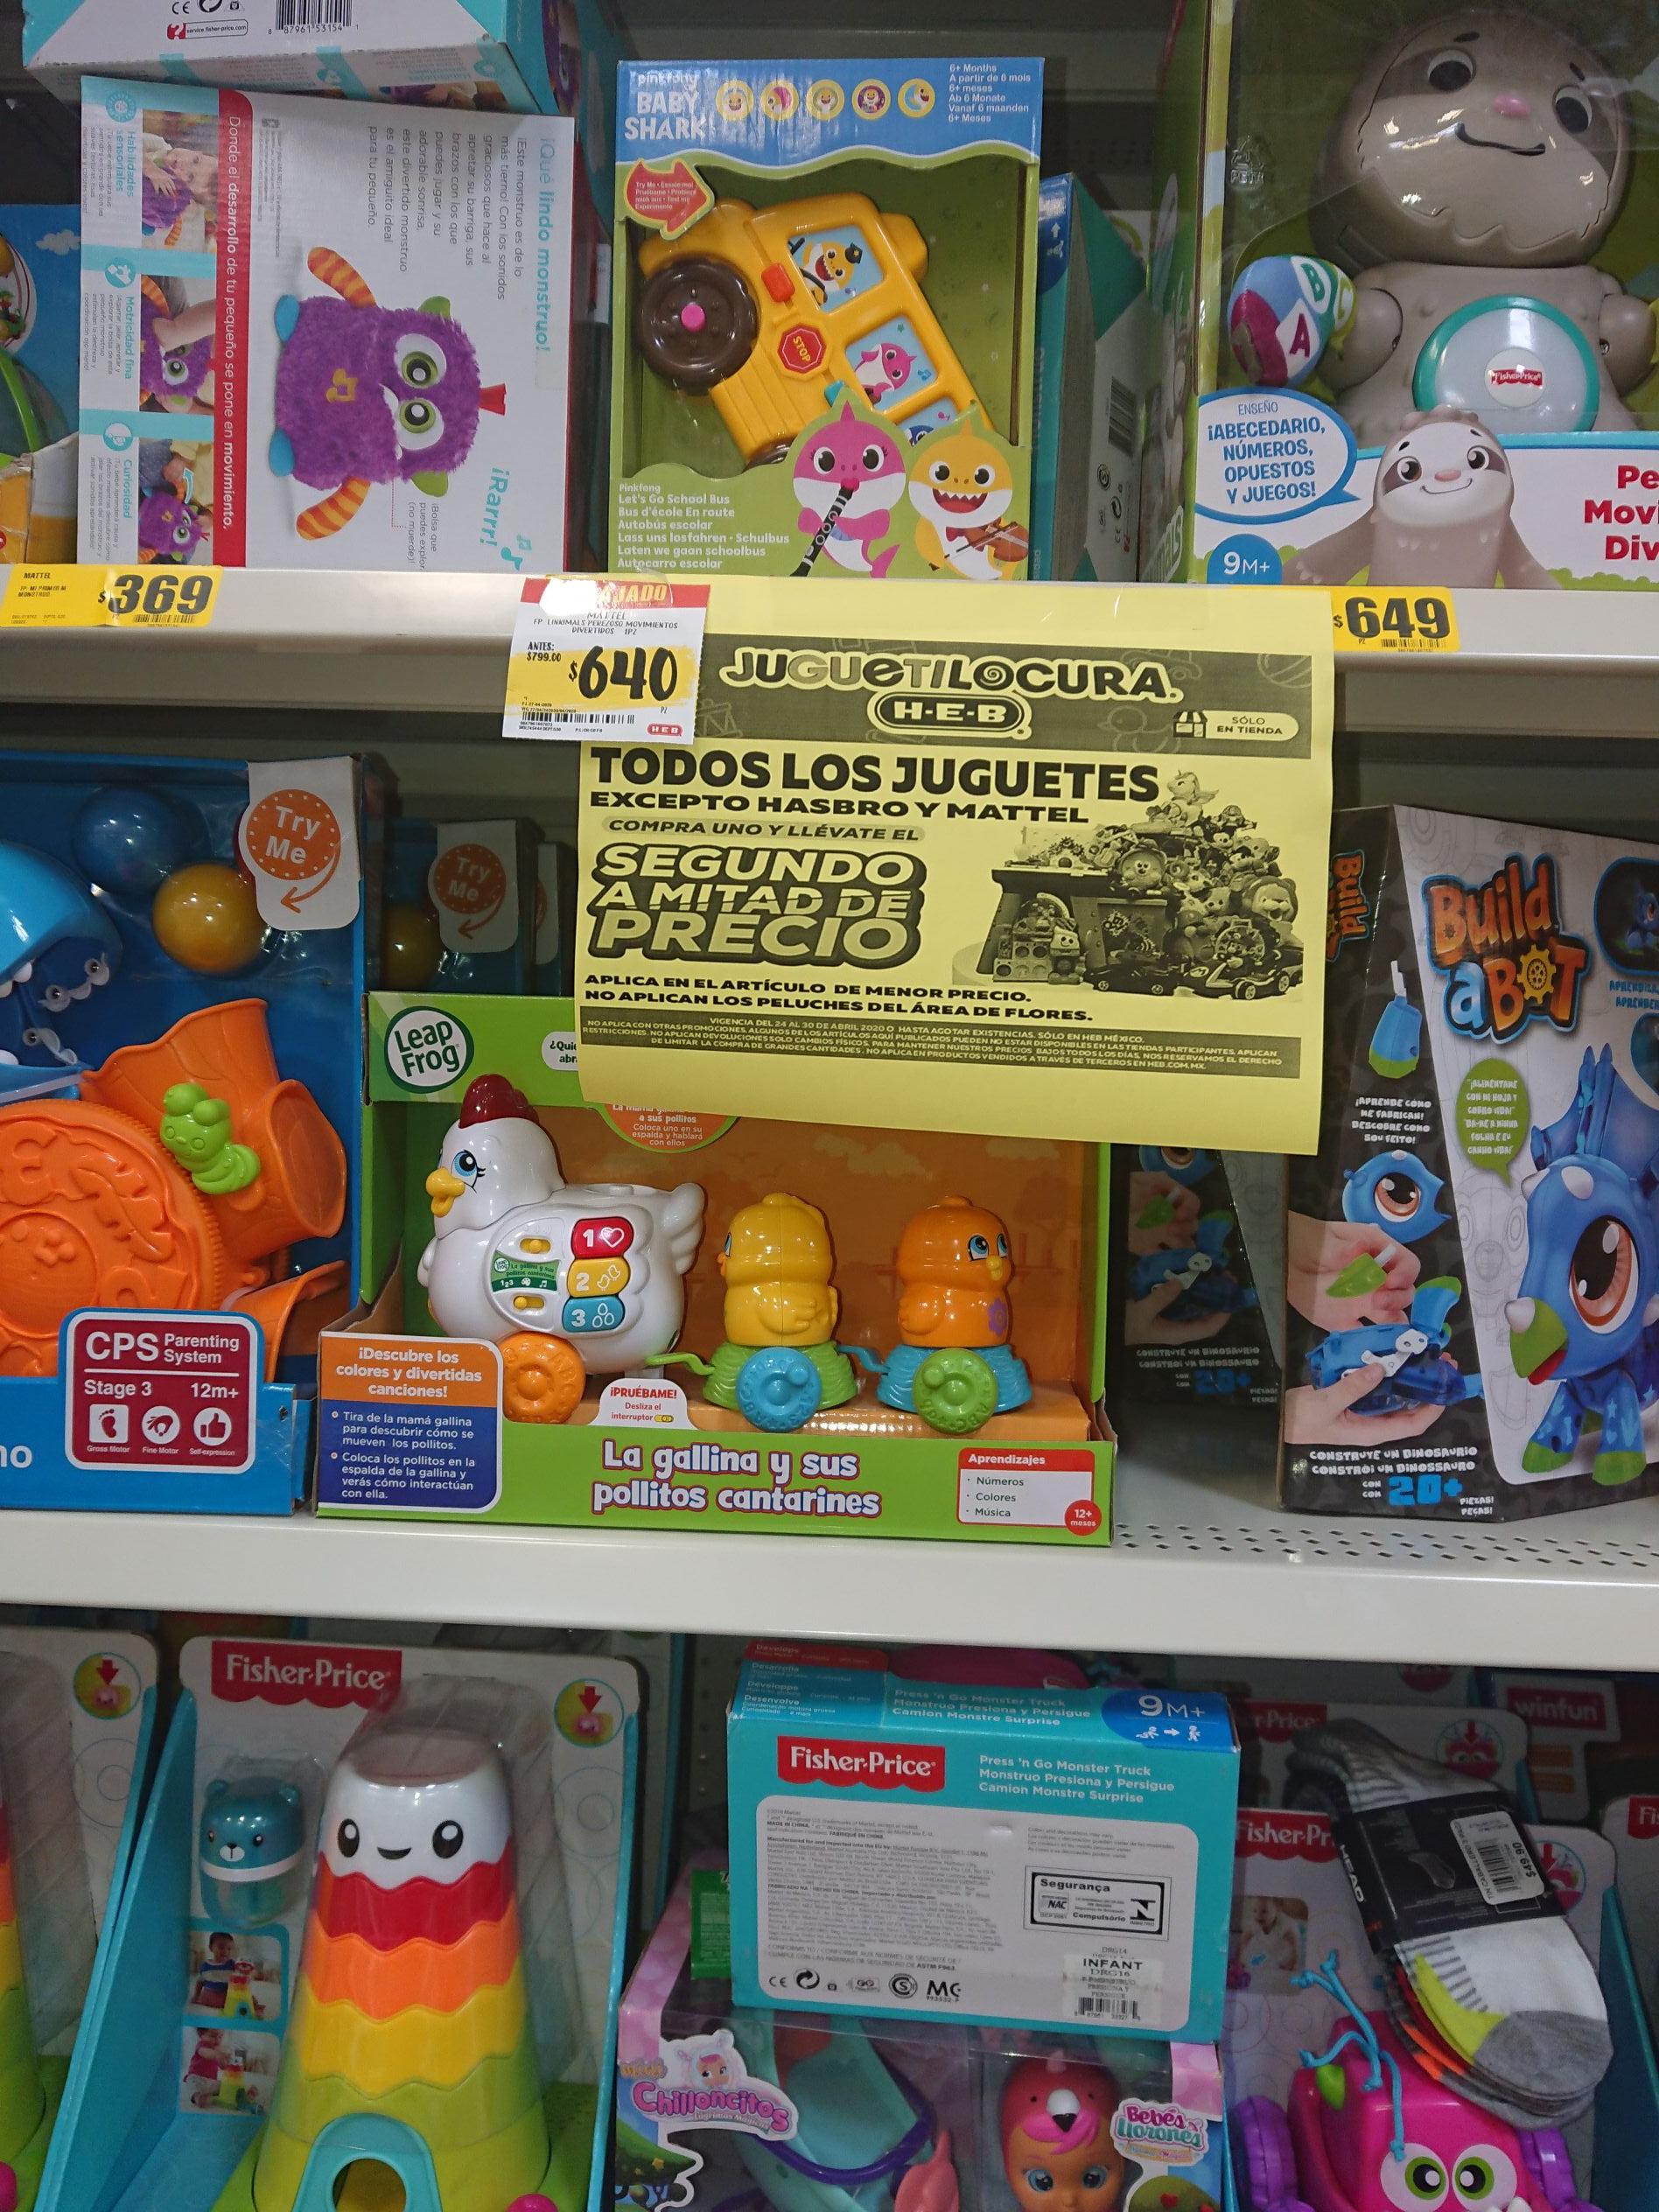 HEB: Compra 1 juguete y Llevate el segundo a mitad de Precio